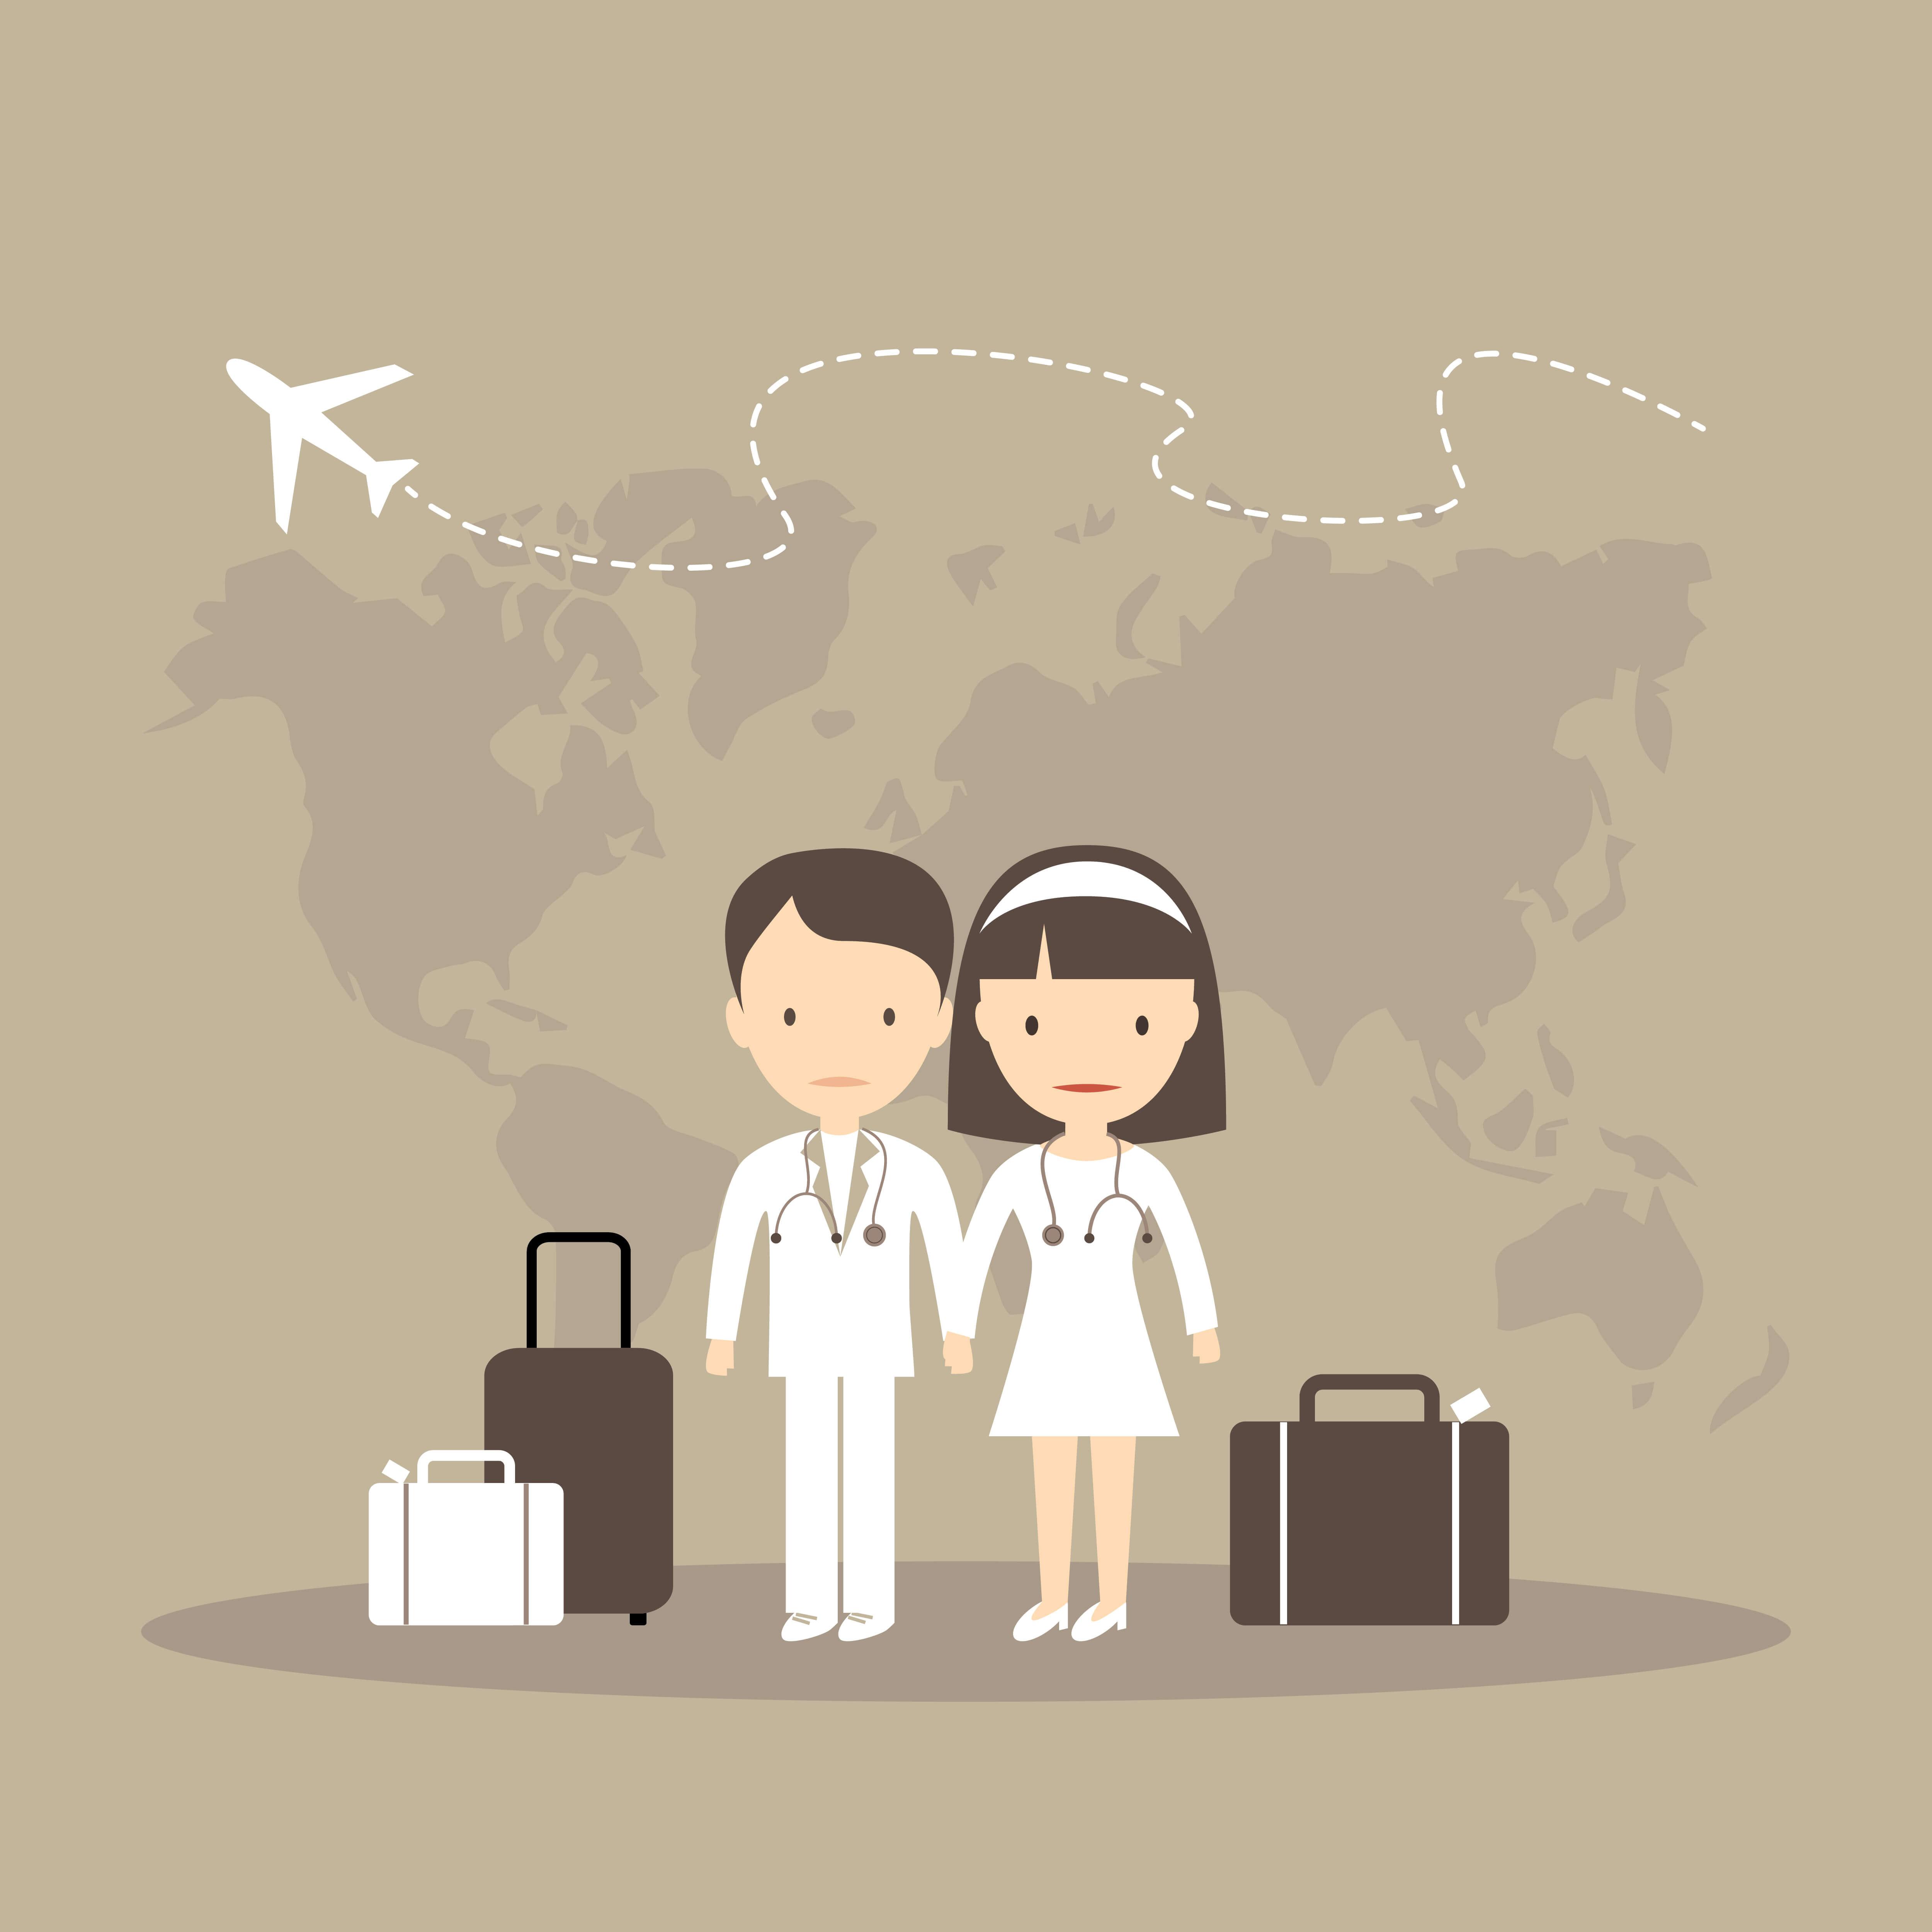 doctor străinătate